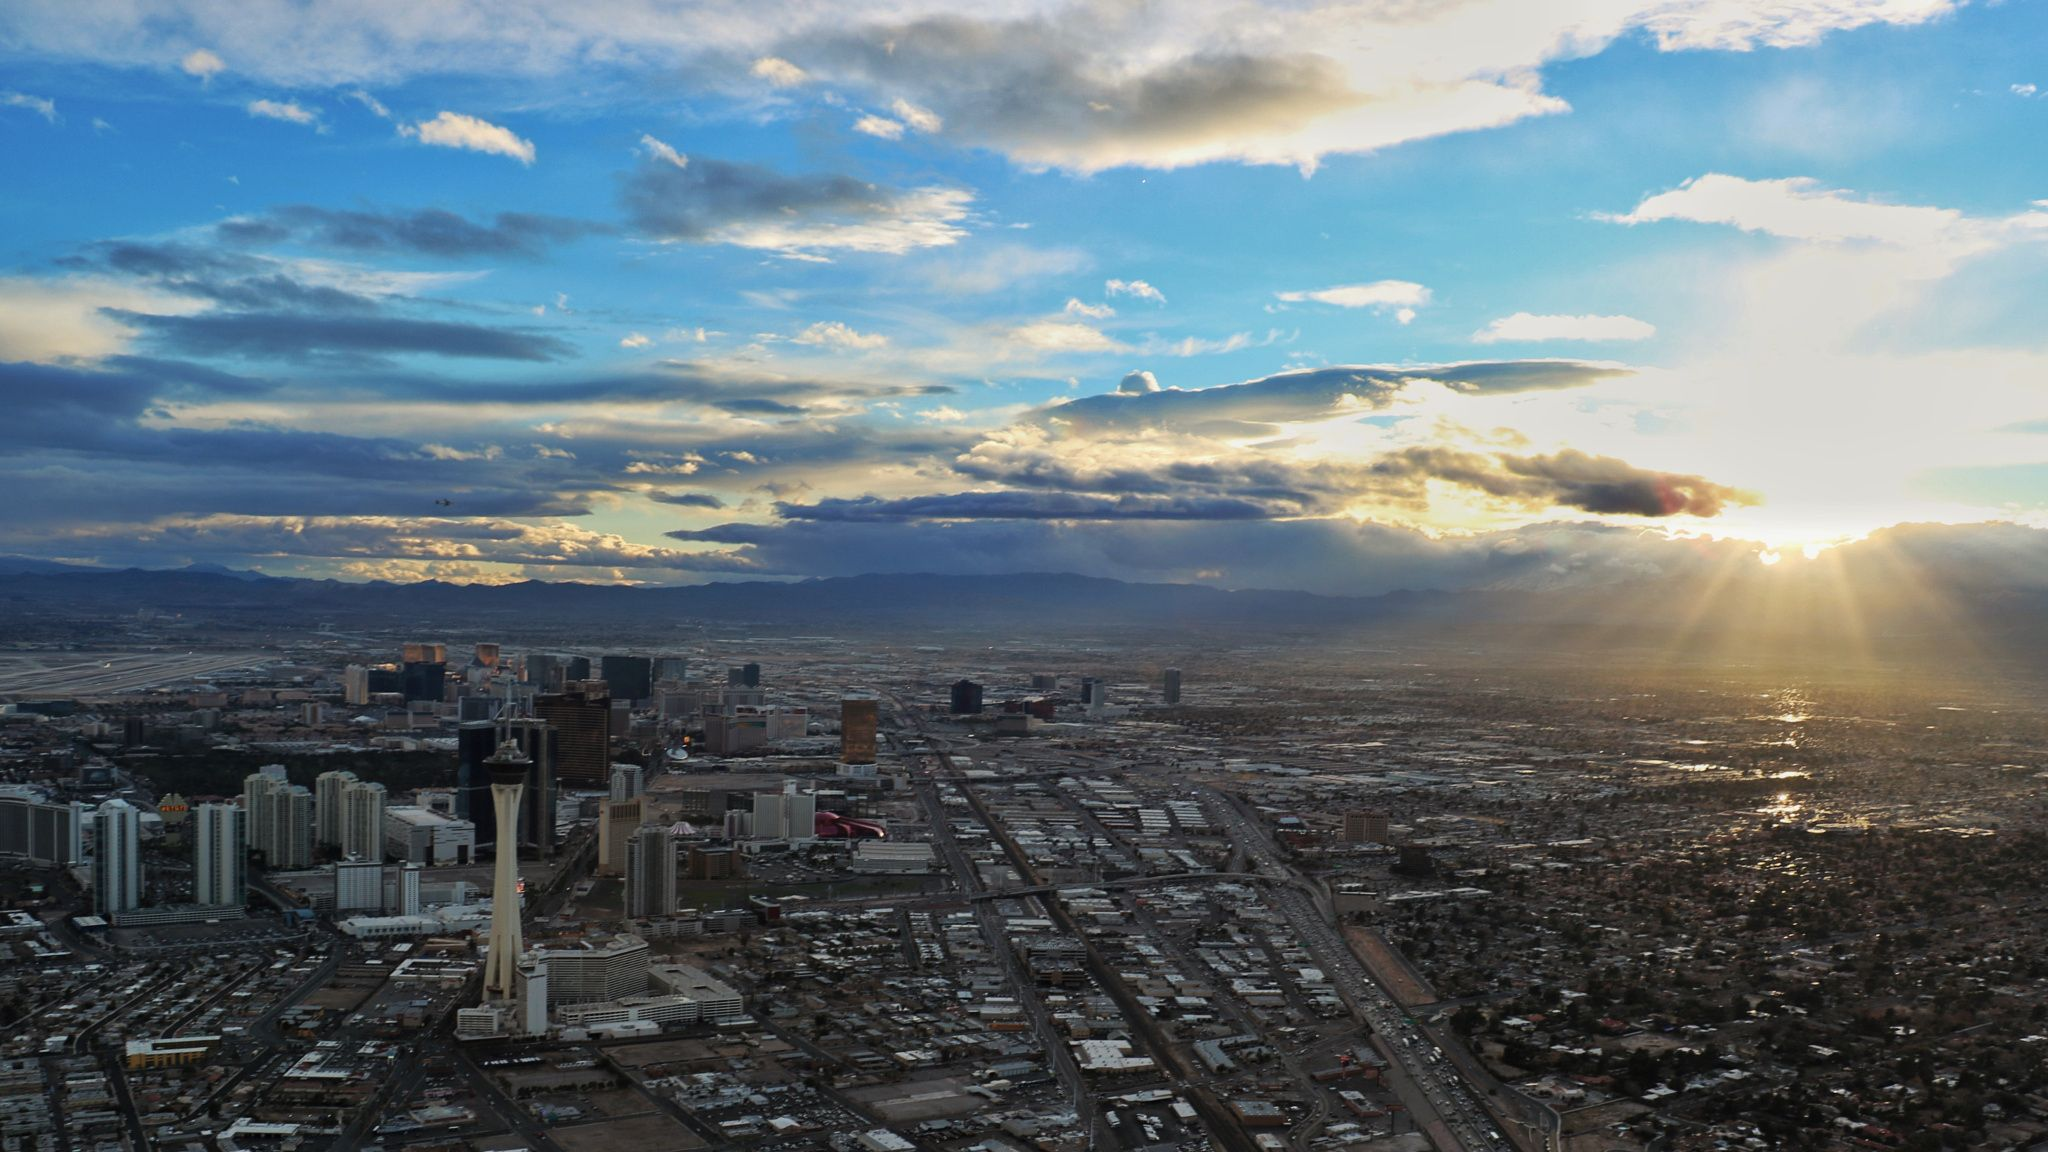 Las Vegas at Sunset - Las Vegas at Sunset